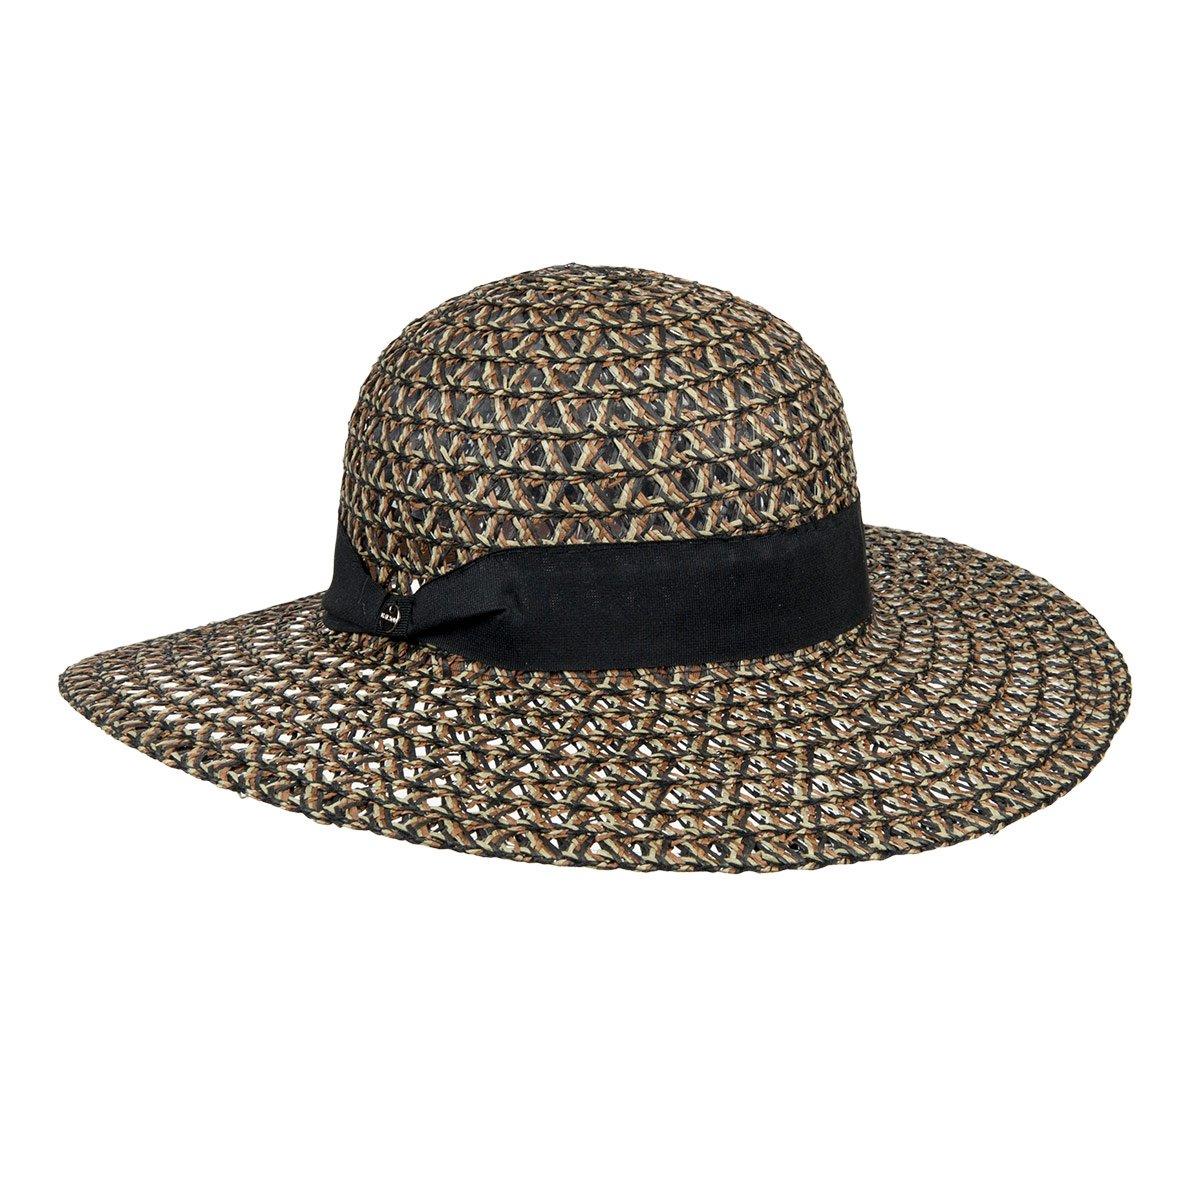 cappello estivo per donna a tesa larga 4230d5a7e947